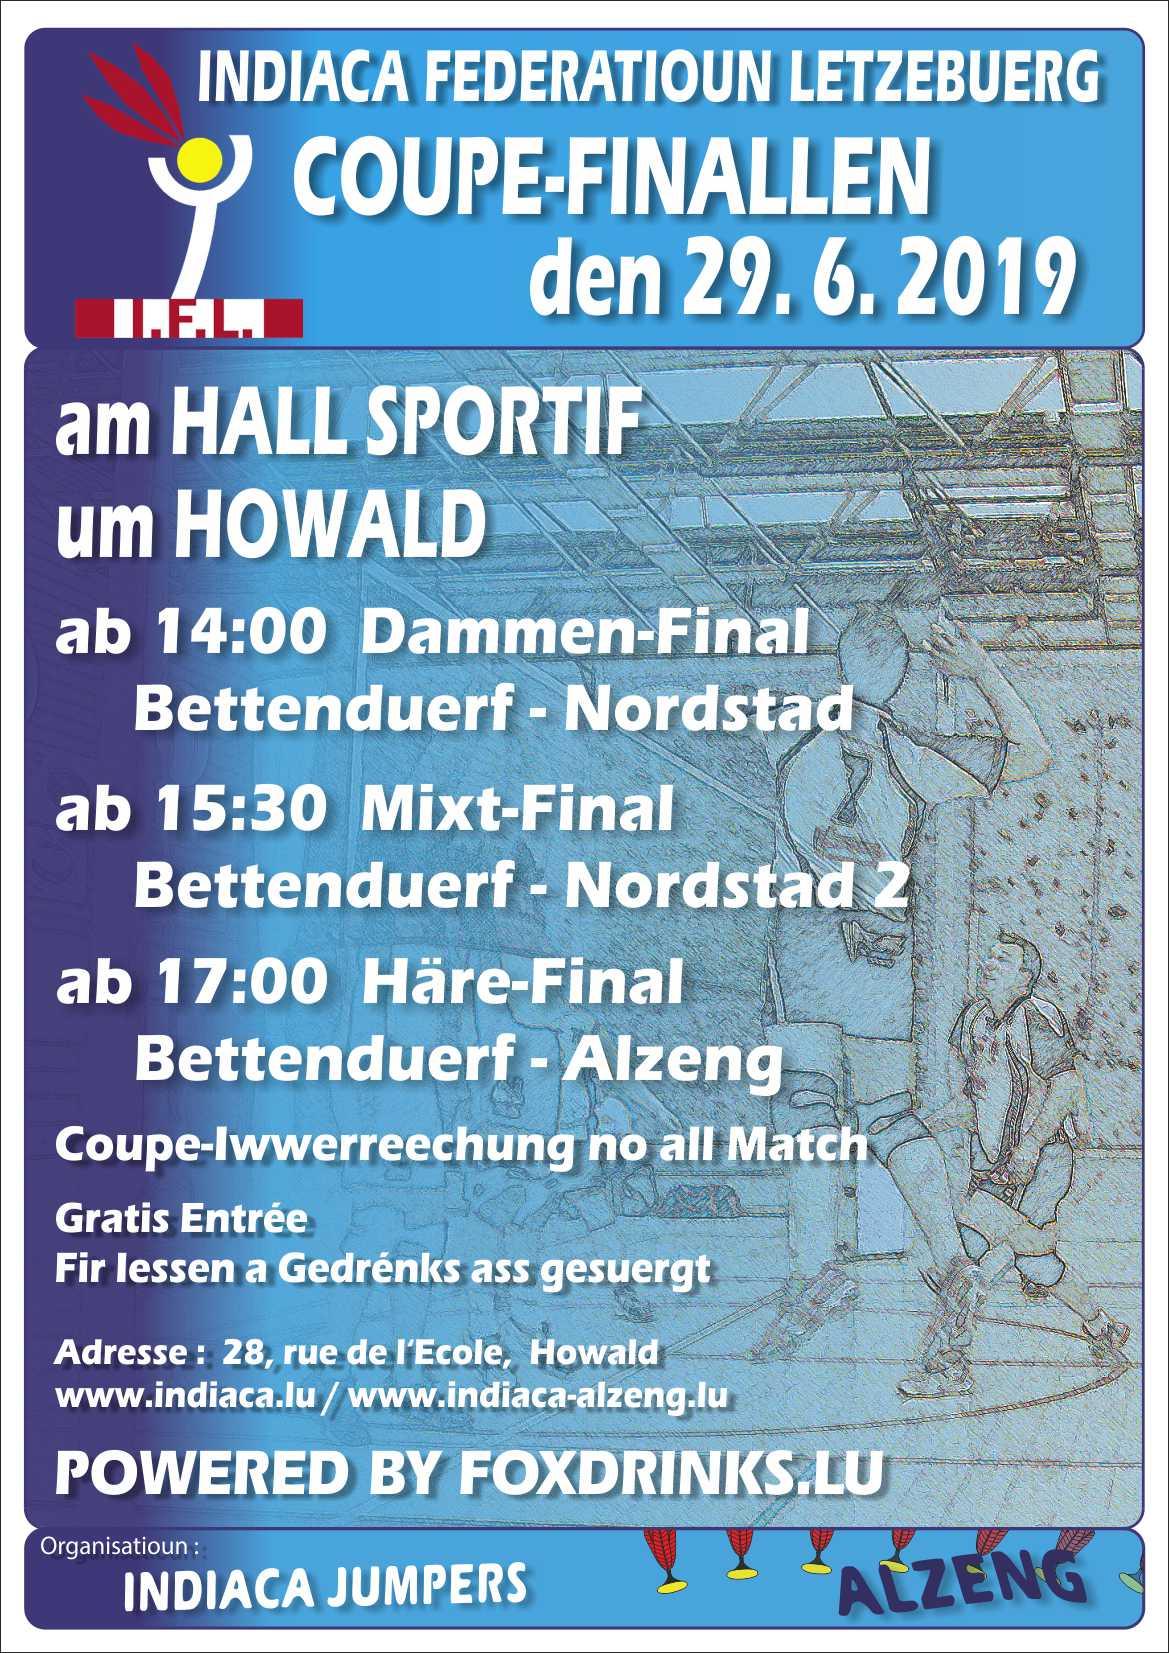 Coupefinalle um Houwald